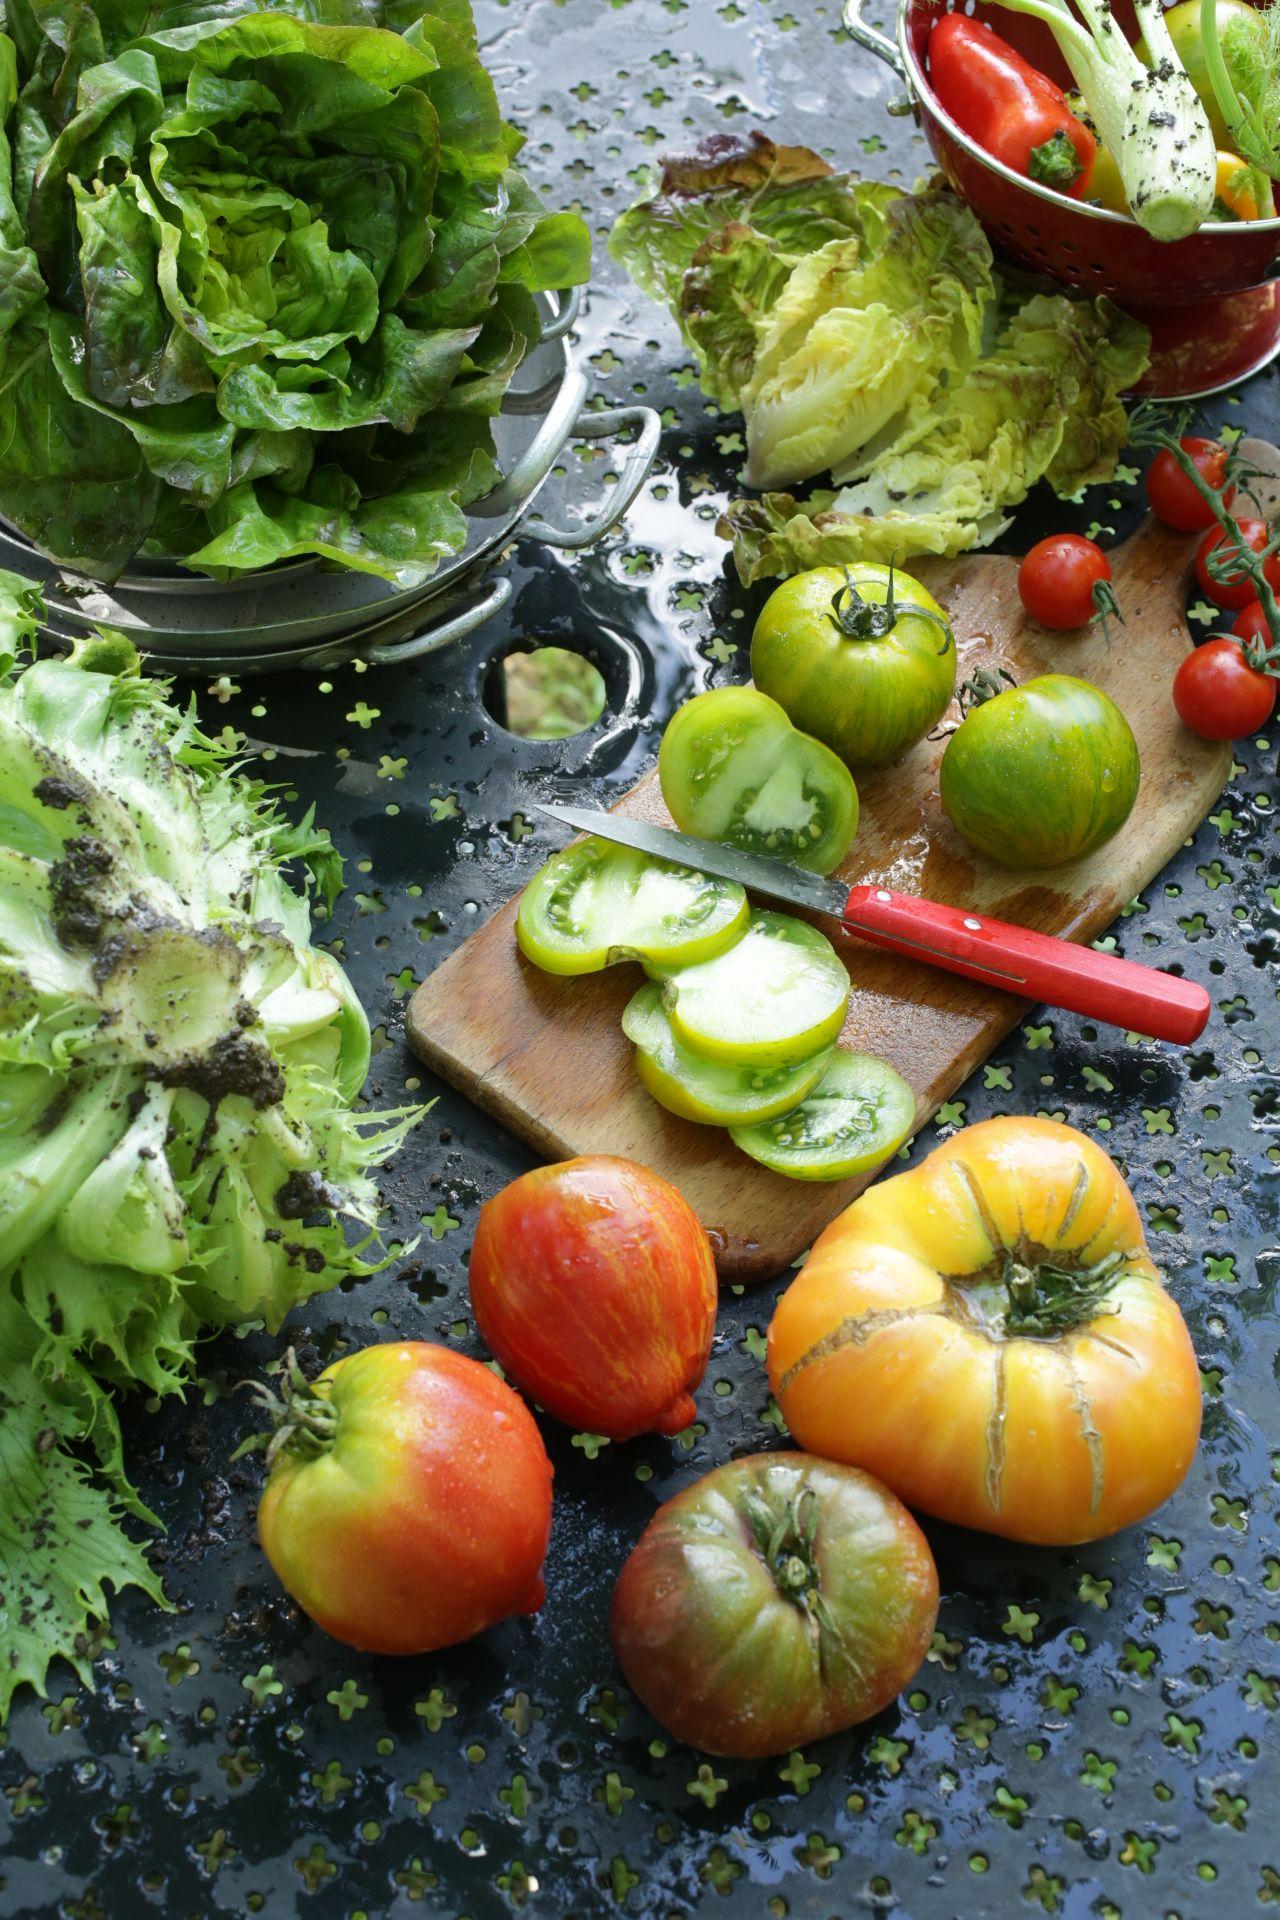 le potager gourmand botanic superfood pinterest. Black Bedroom Furniture Sets. Home Design Ideas